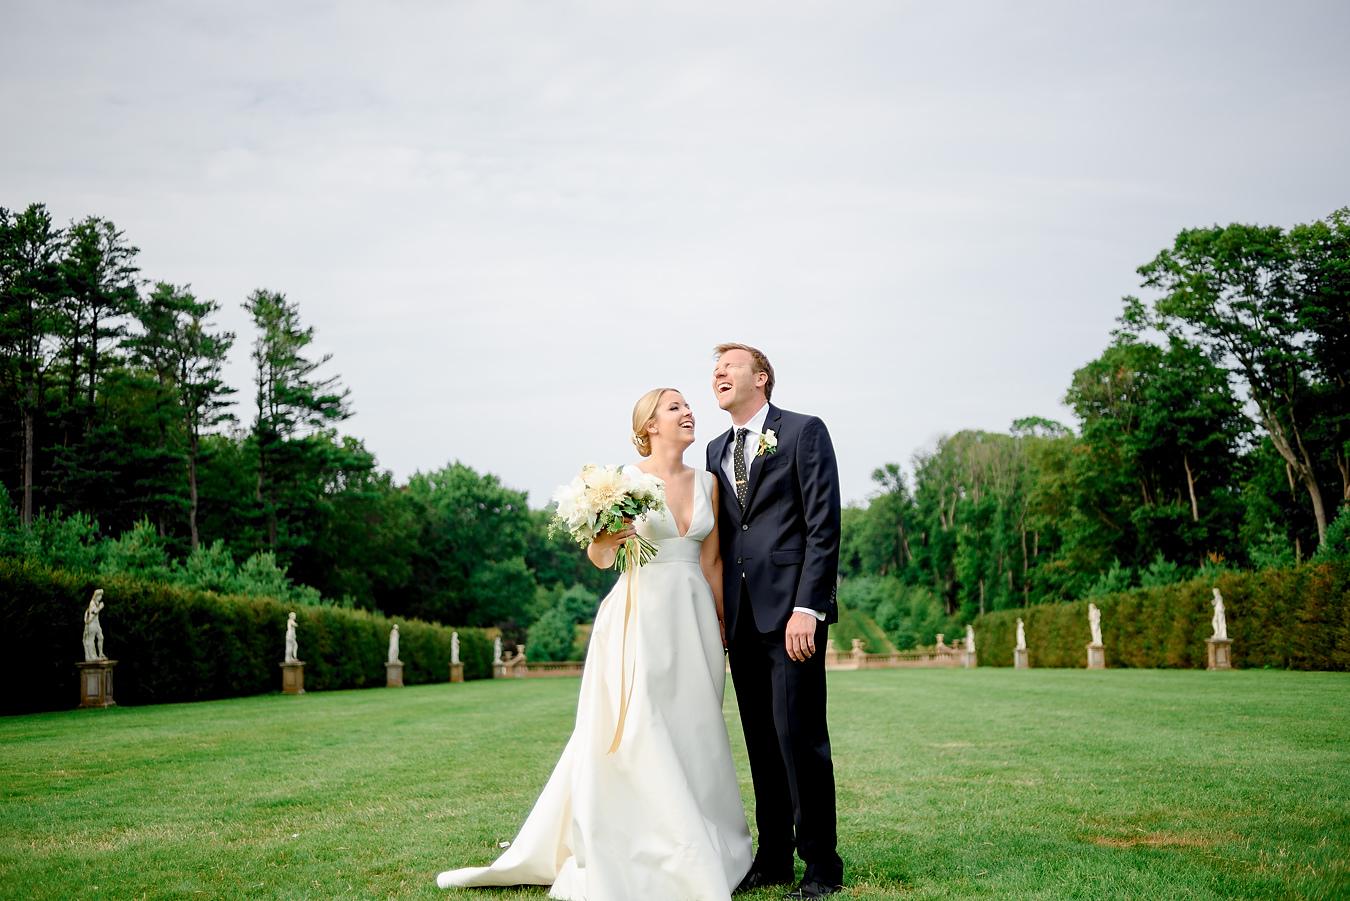 Castle Hill Crane Estate wedding in Ipswich, Mass.